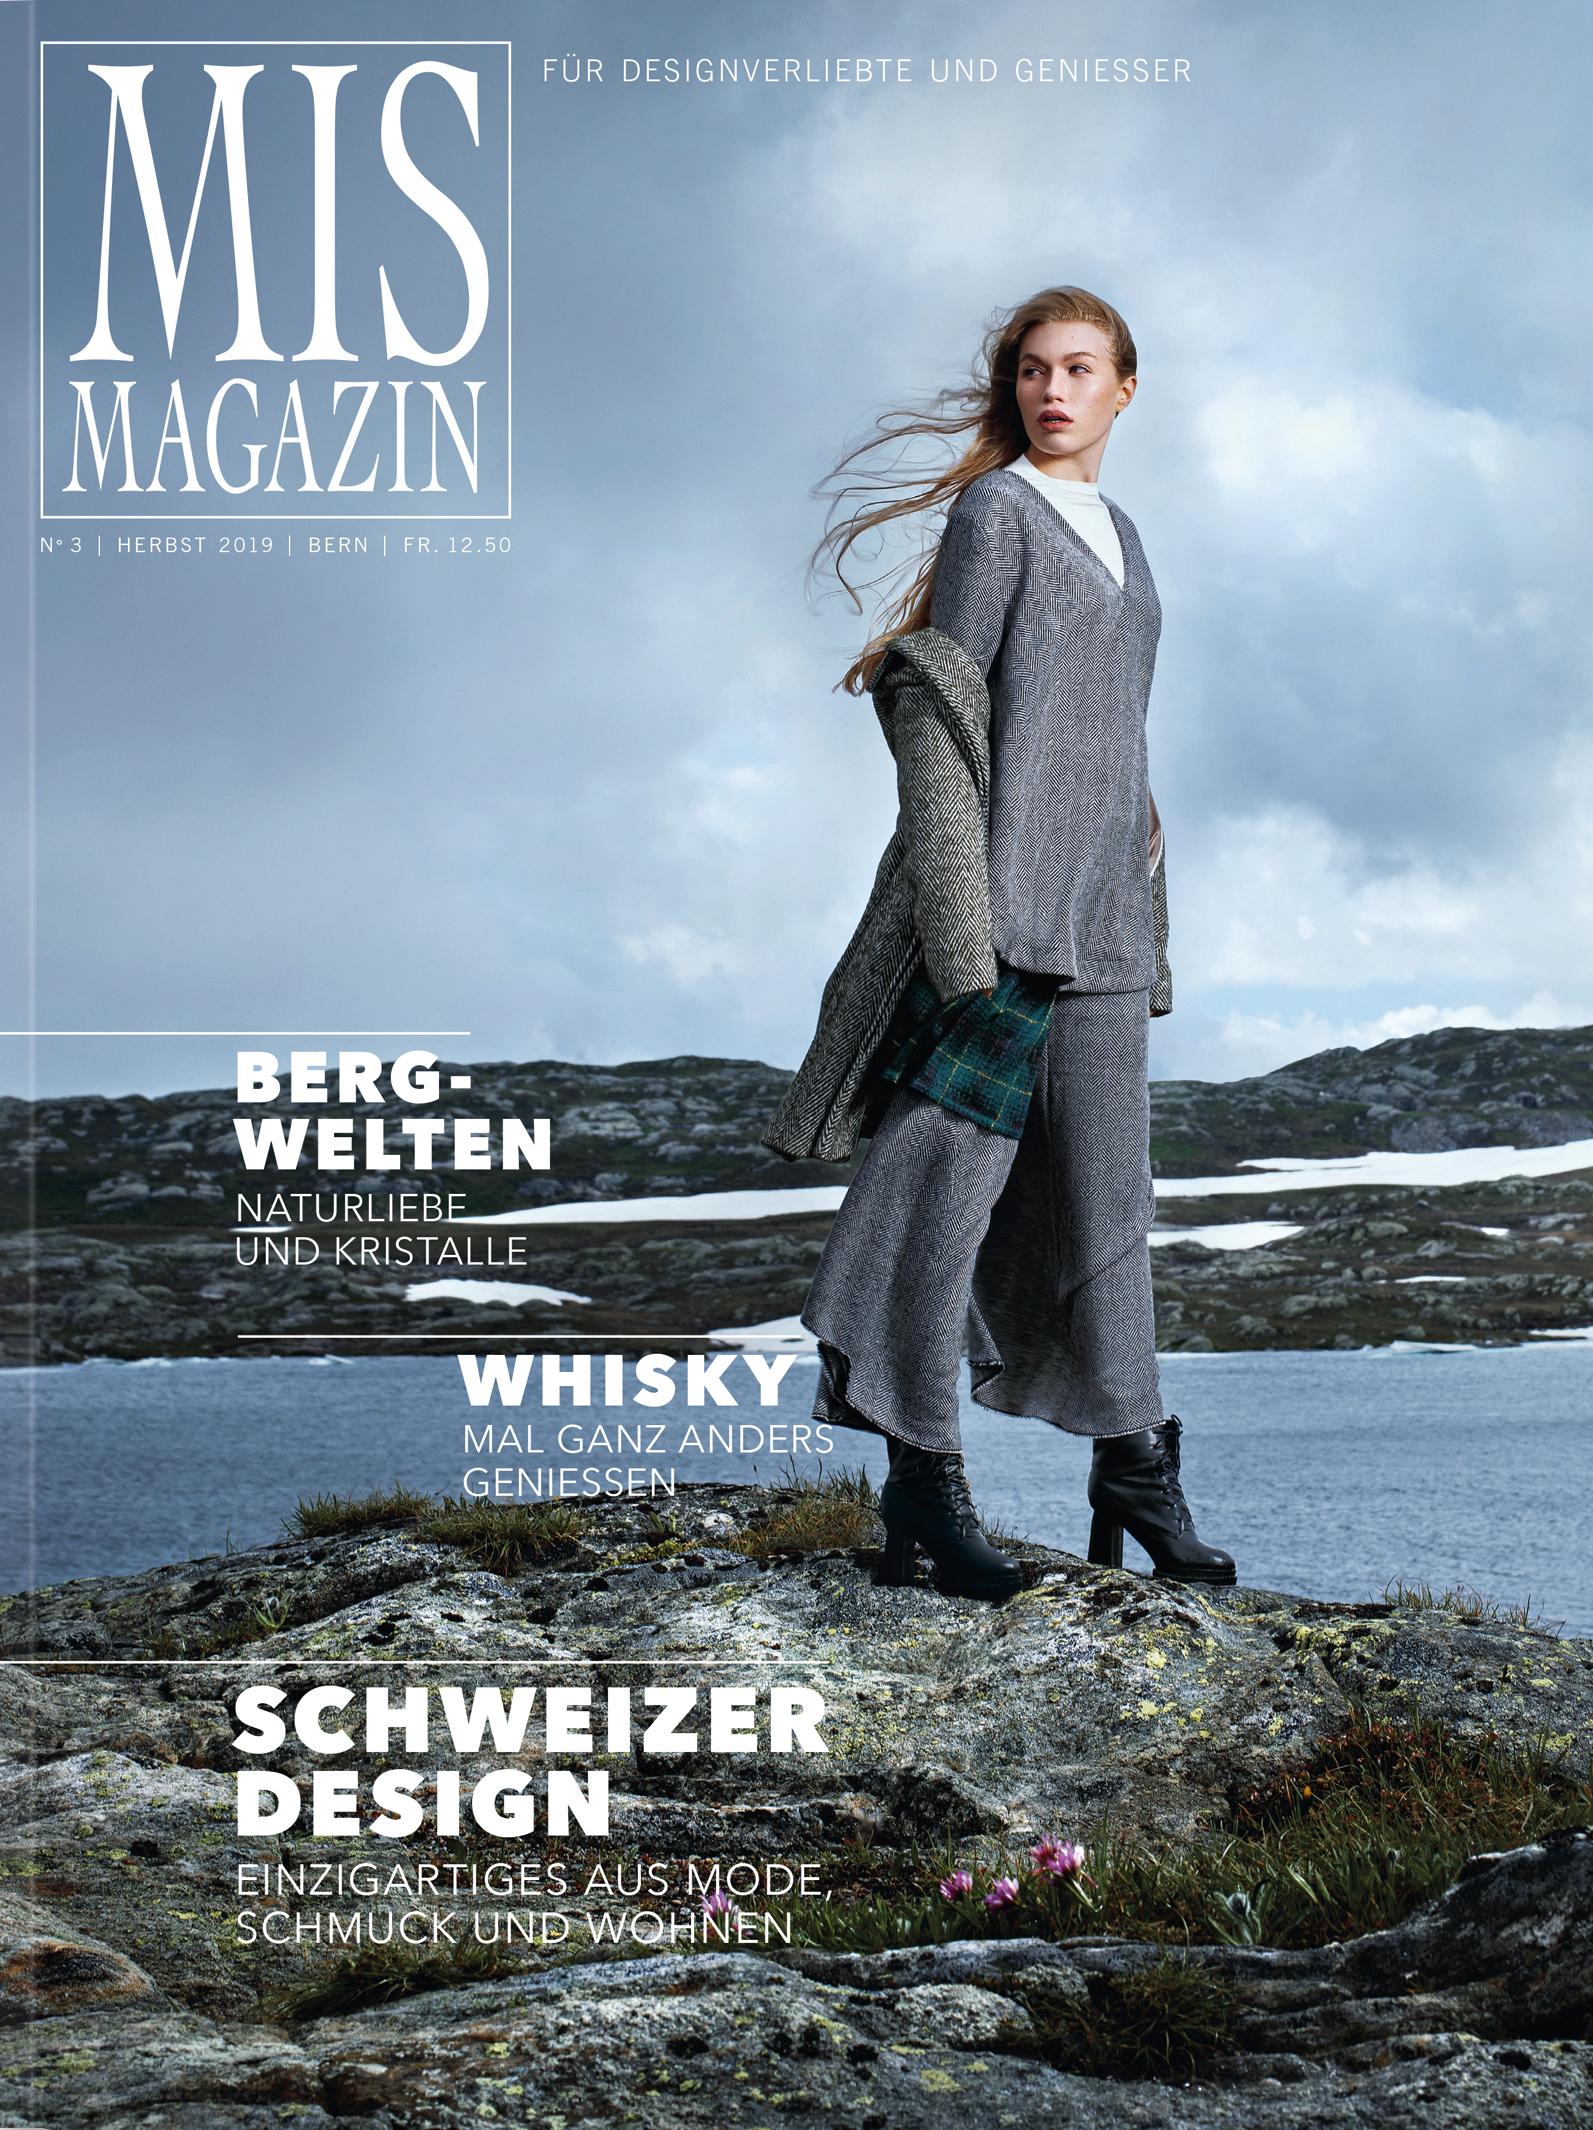 Cover_MIS-MAGAZIN_Ausgabe-3-2019-2.jpg